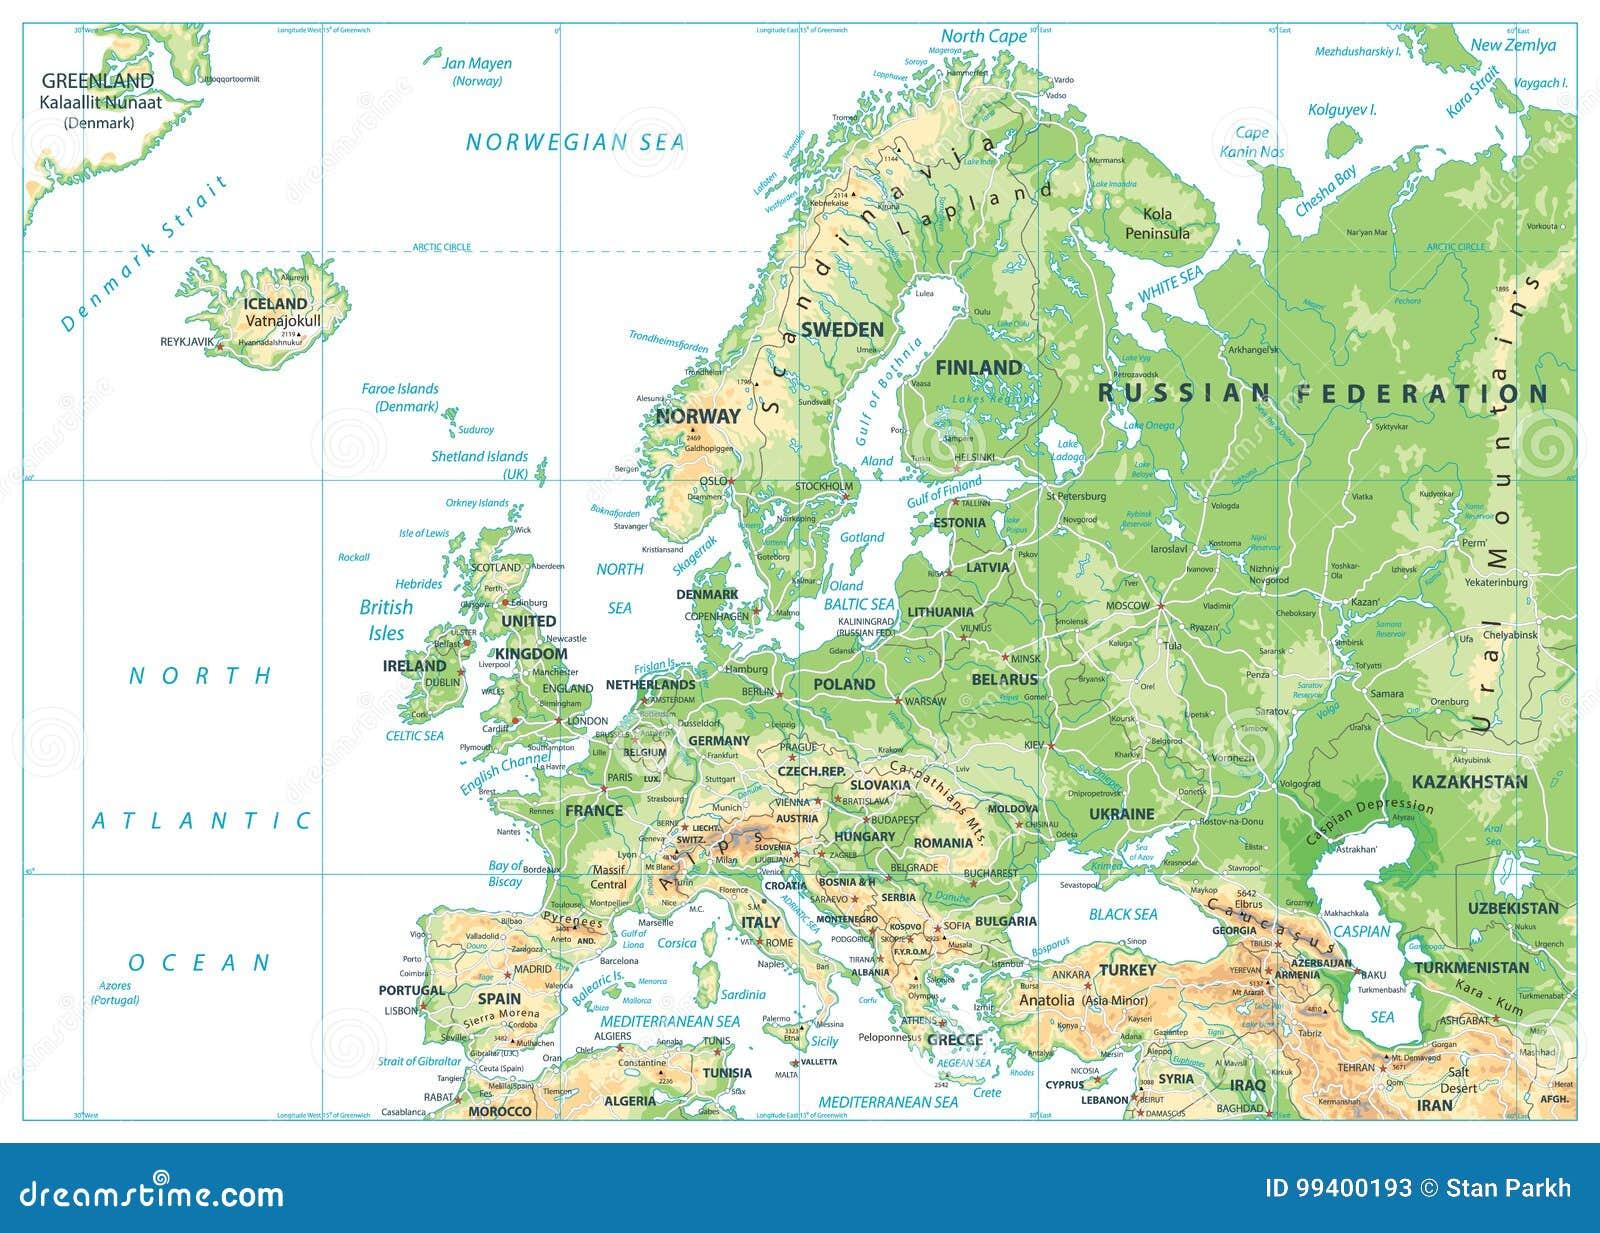 Cartina Europa Fisica.Mappa Fisica Di Europa Illustrazioni Vettoriali E Clipart Stock 654 Illustrazioni Stock